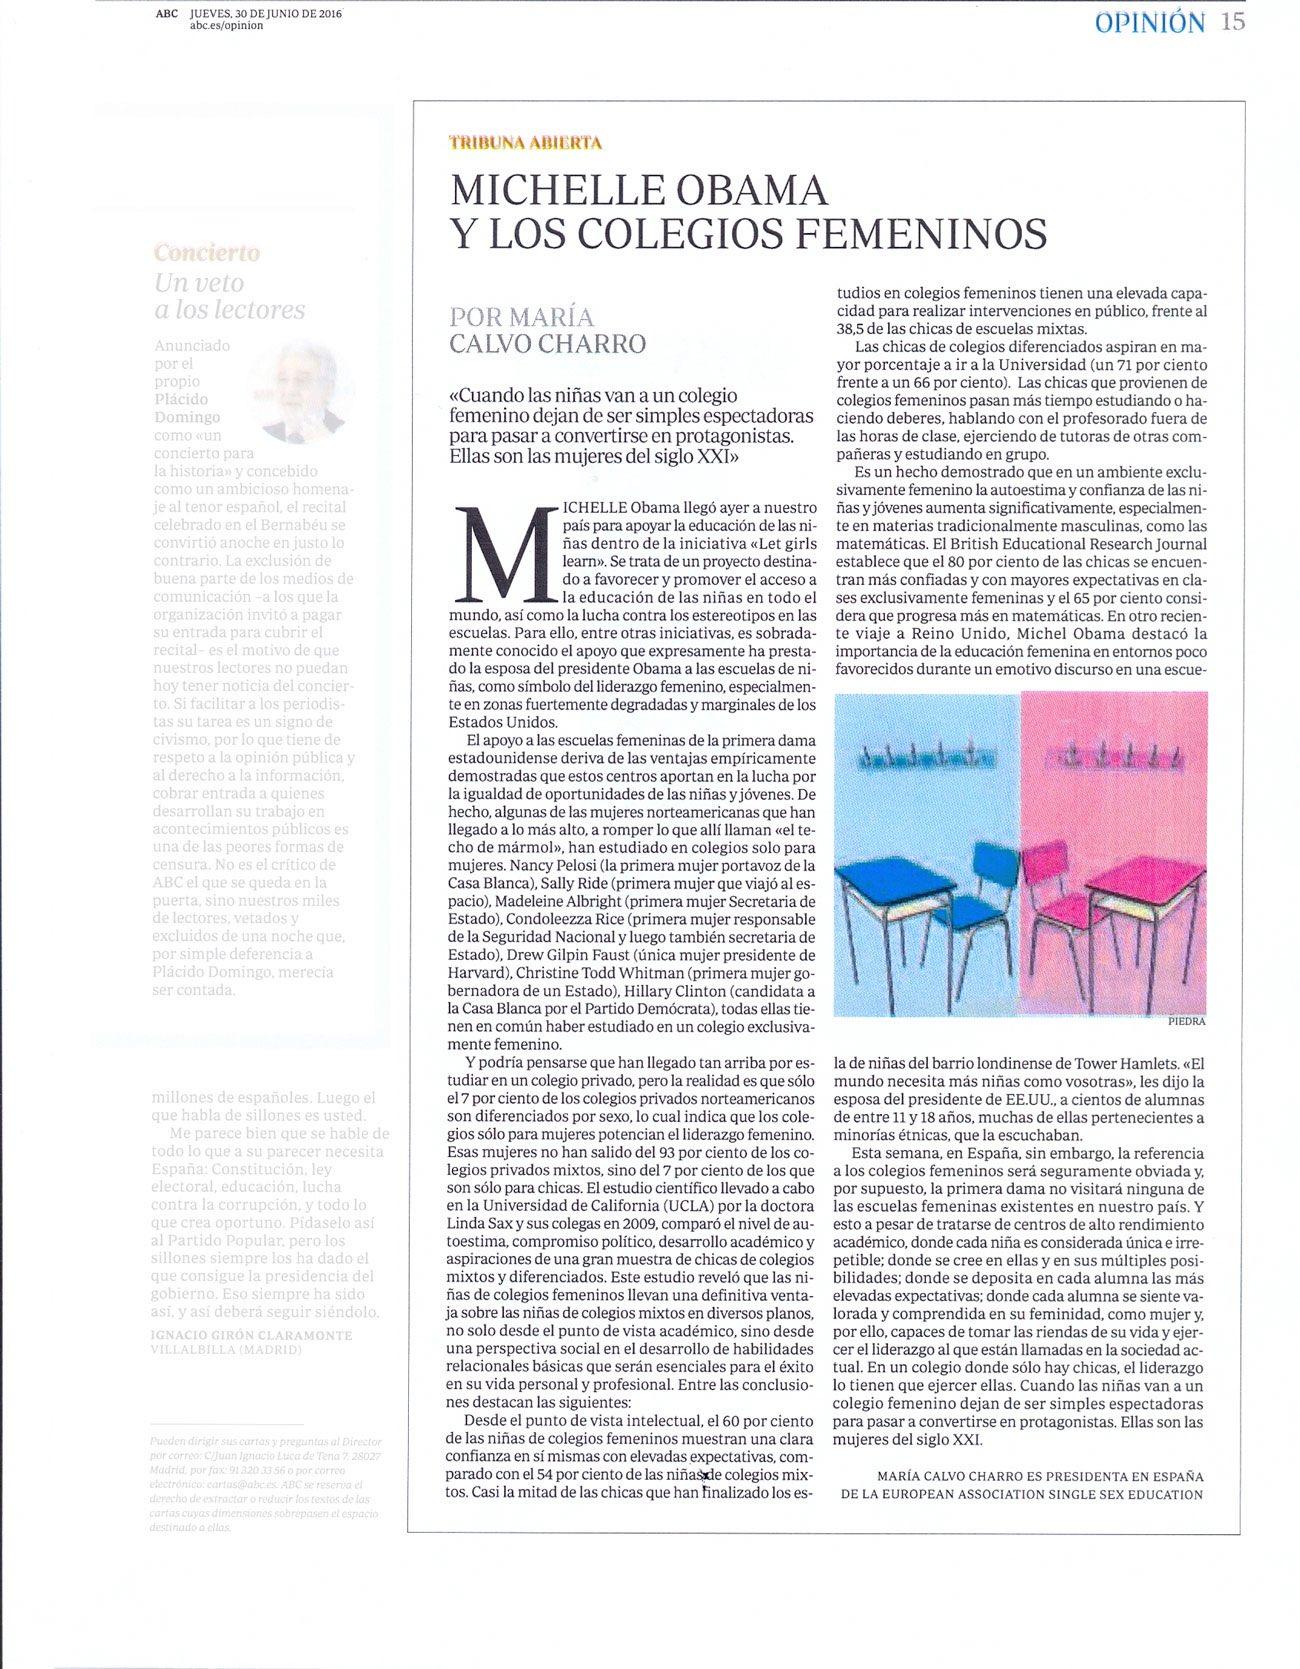 #EducaciónDiferenciada una opción educativa demandada por muchas familias @RibamarESOFP @albaydar @Col_Entreolivos https://t.co/r1vJH3WNgB